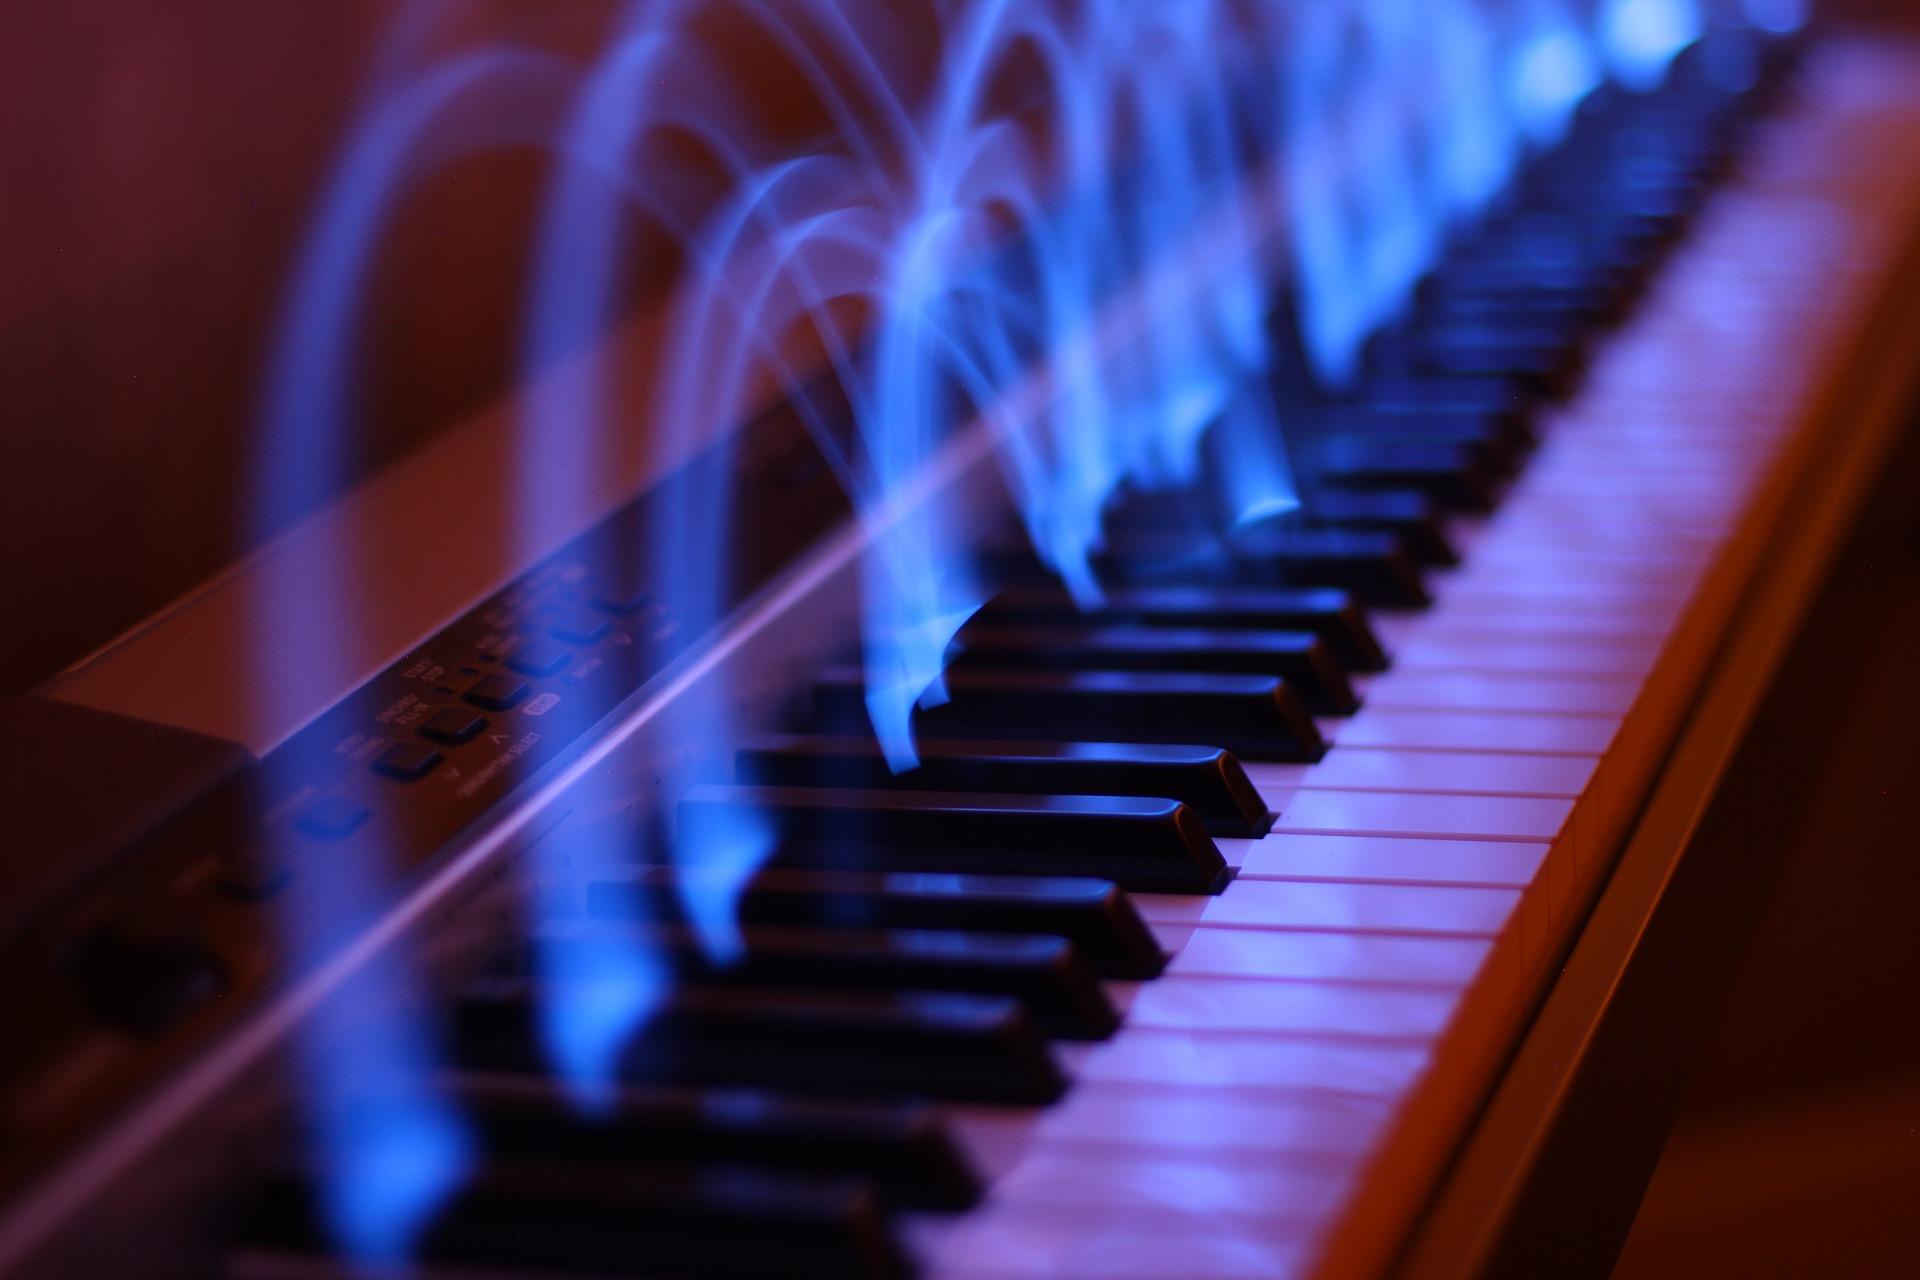 piano-1924351_1920.jpg